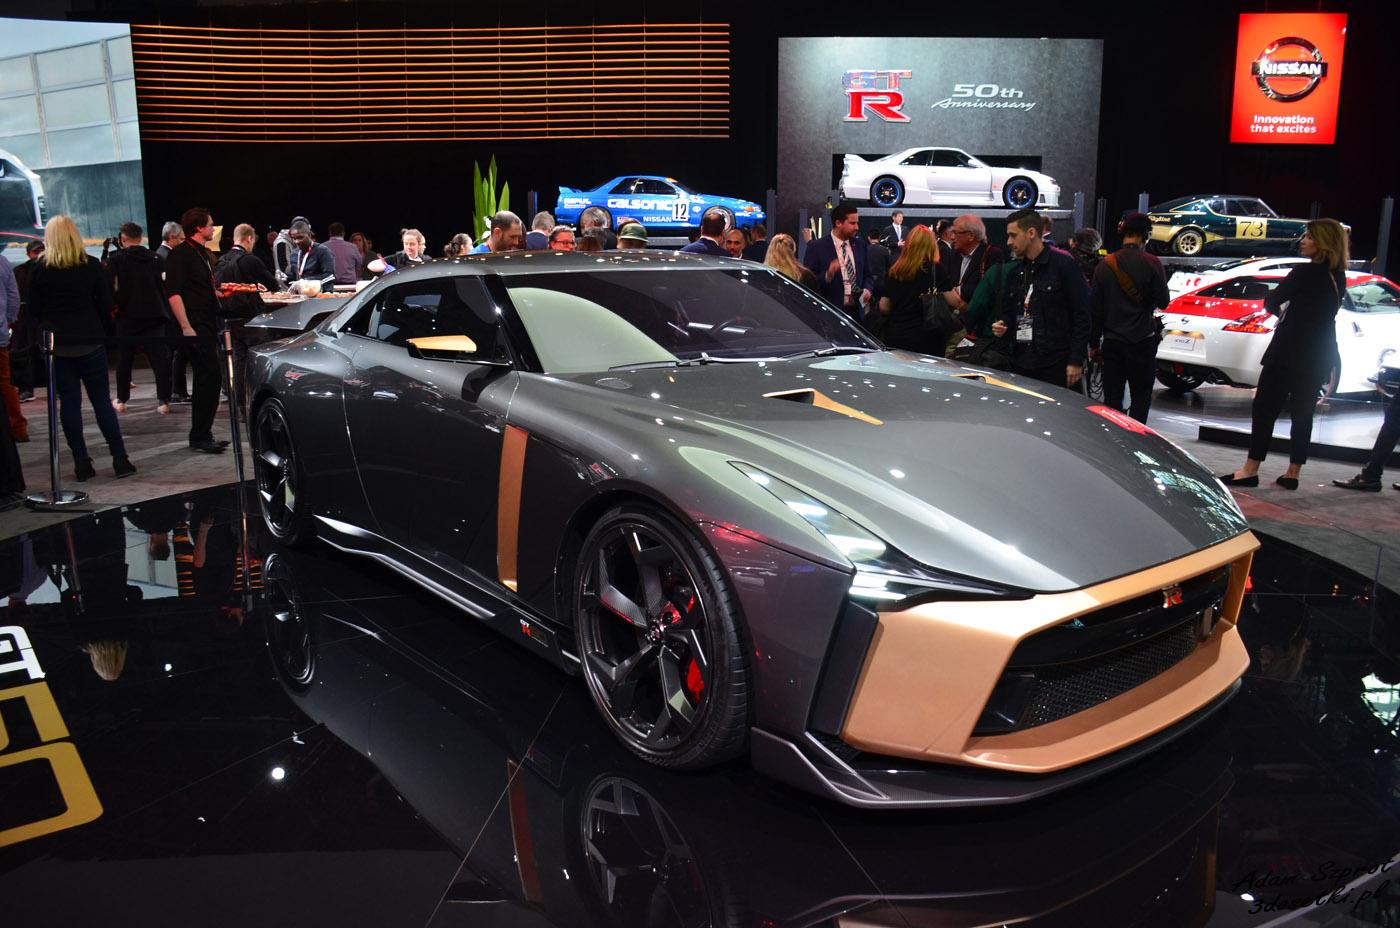 Relacja z targów w Nowym Jorku 2019 - Nissan GT-R 50